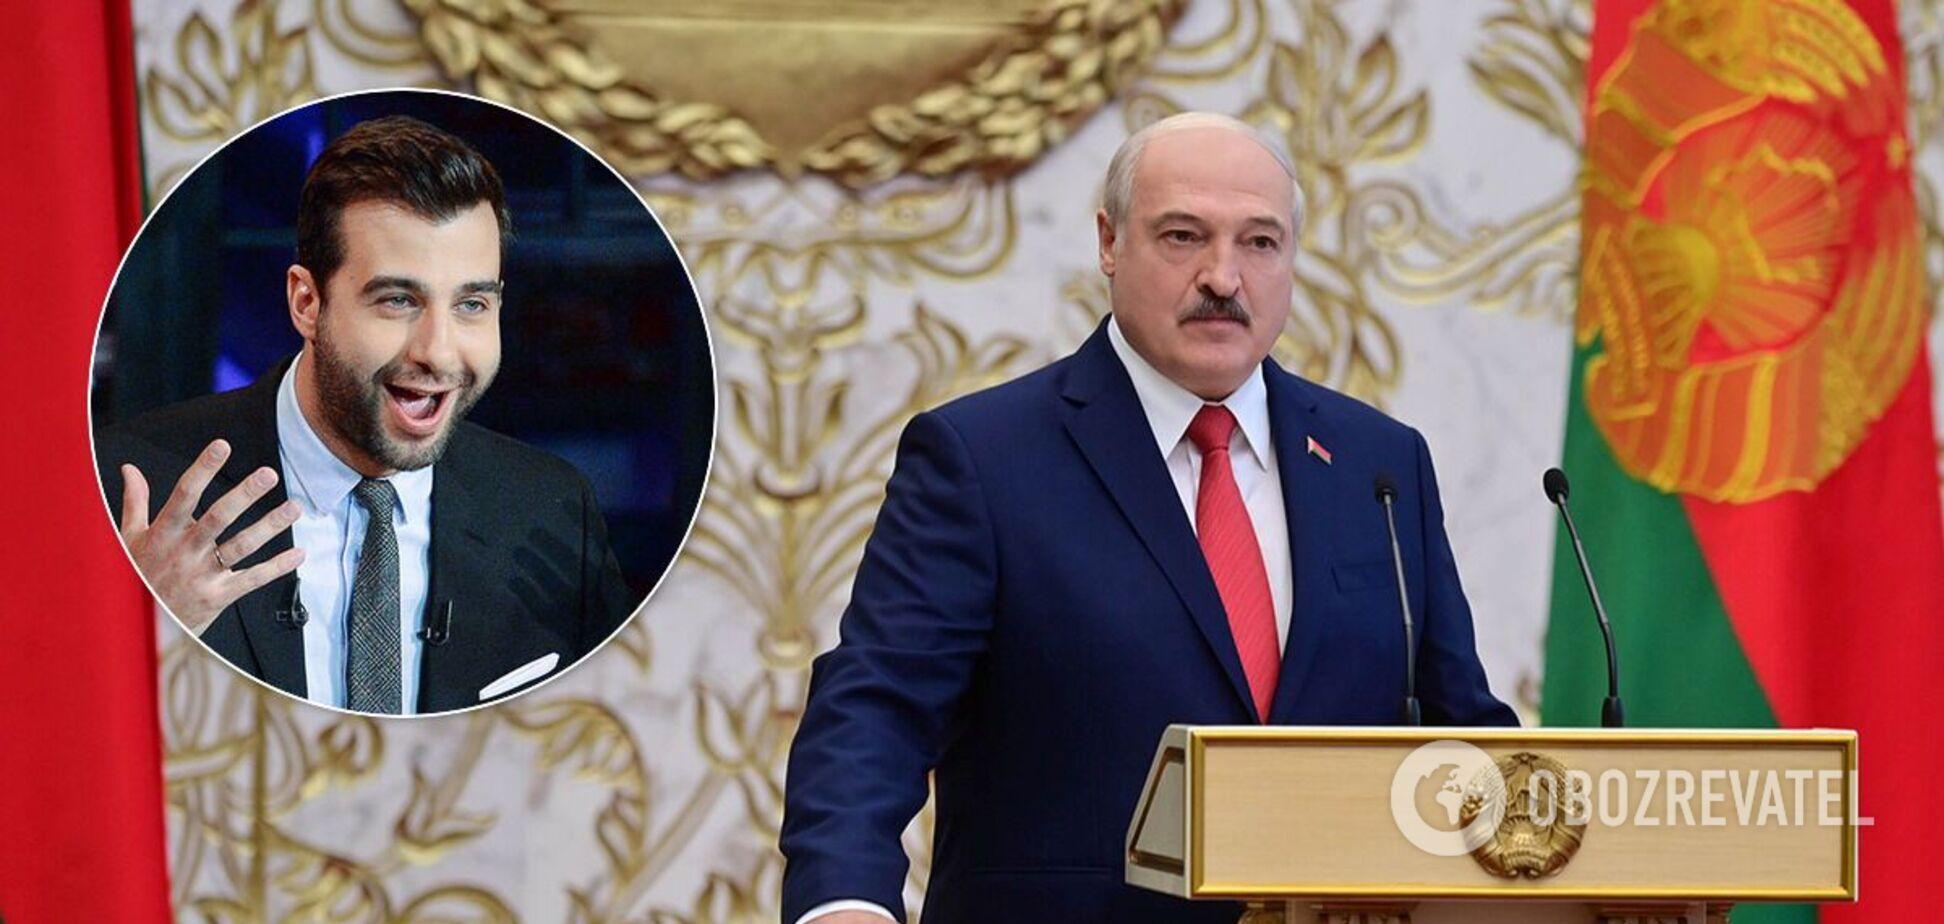 Иван Ургант высмеял Лукашенко на росТВ